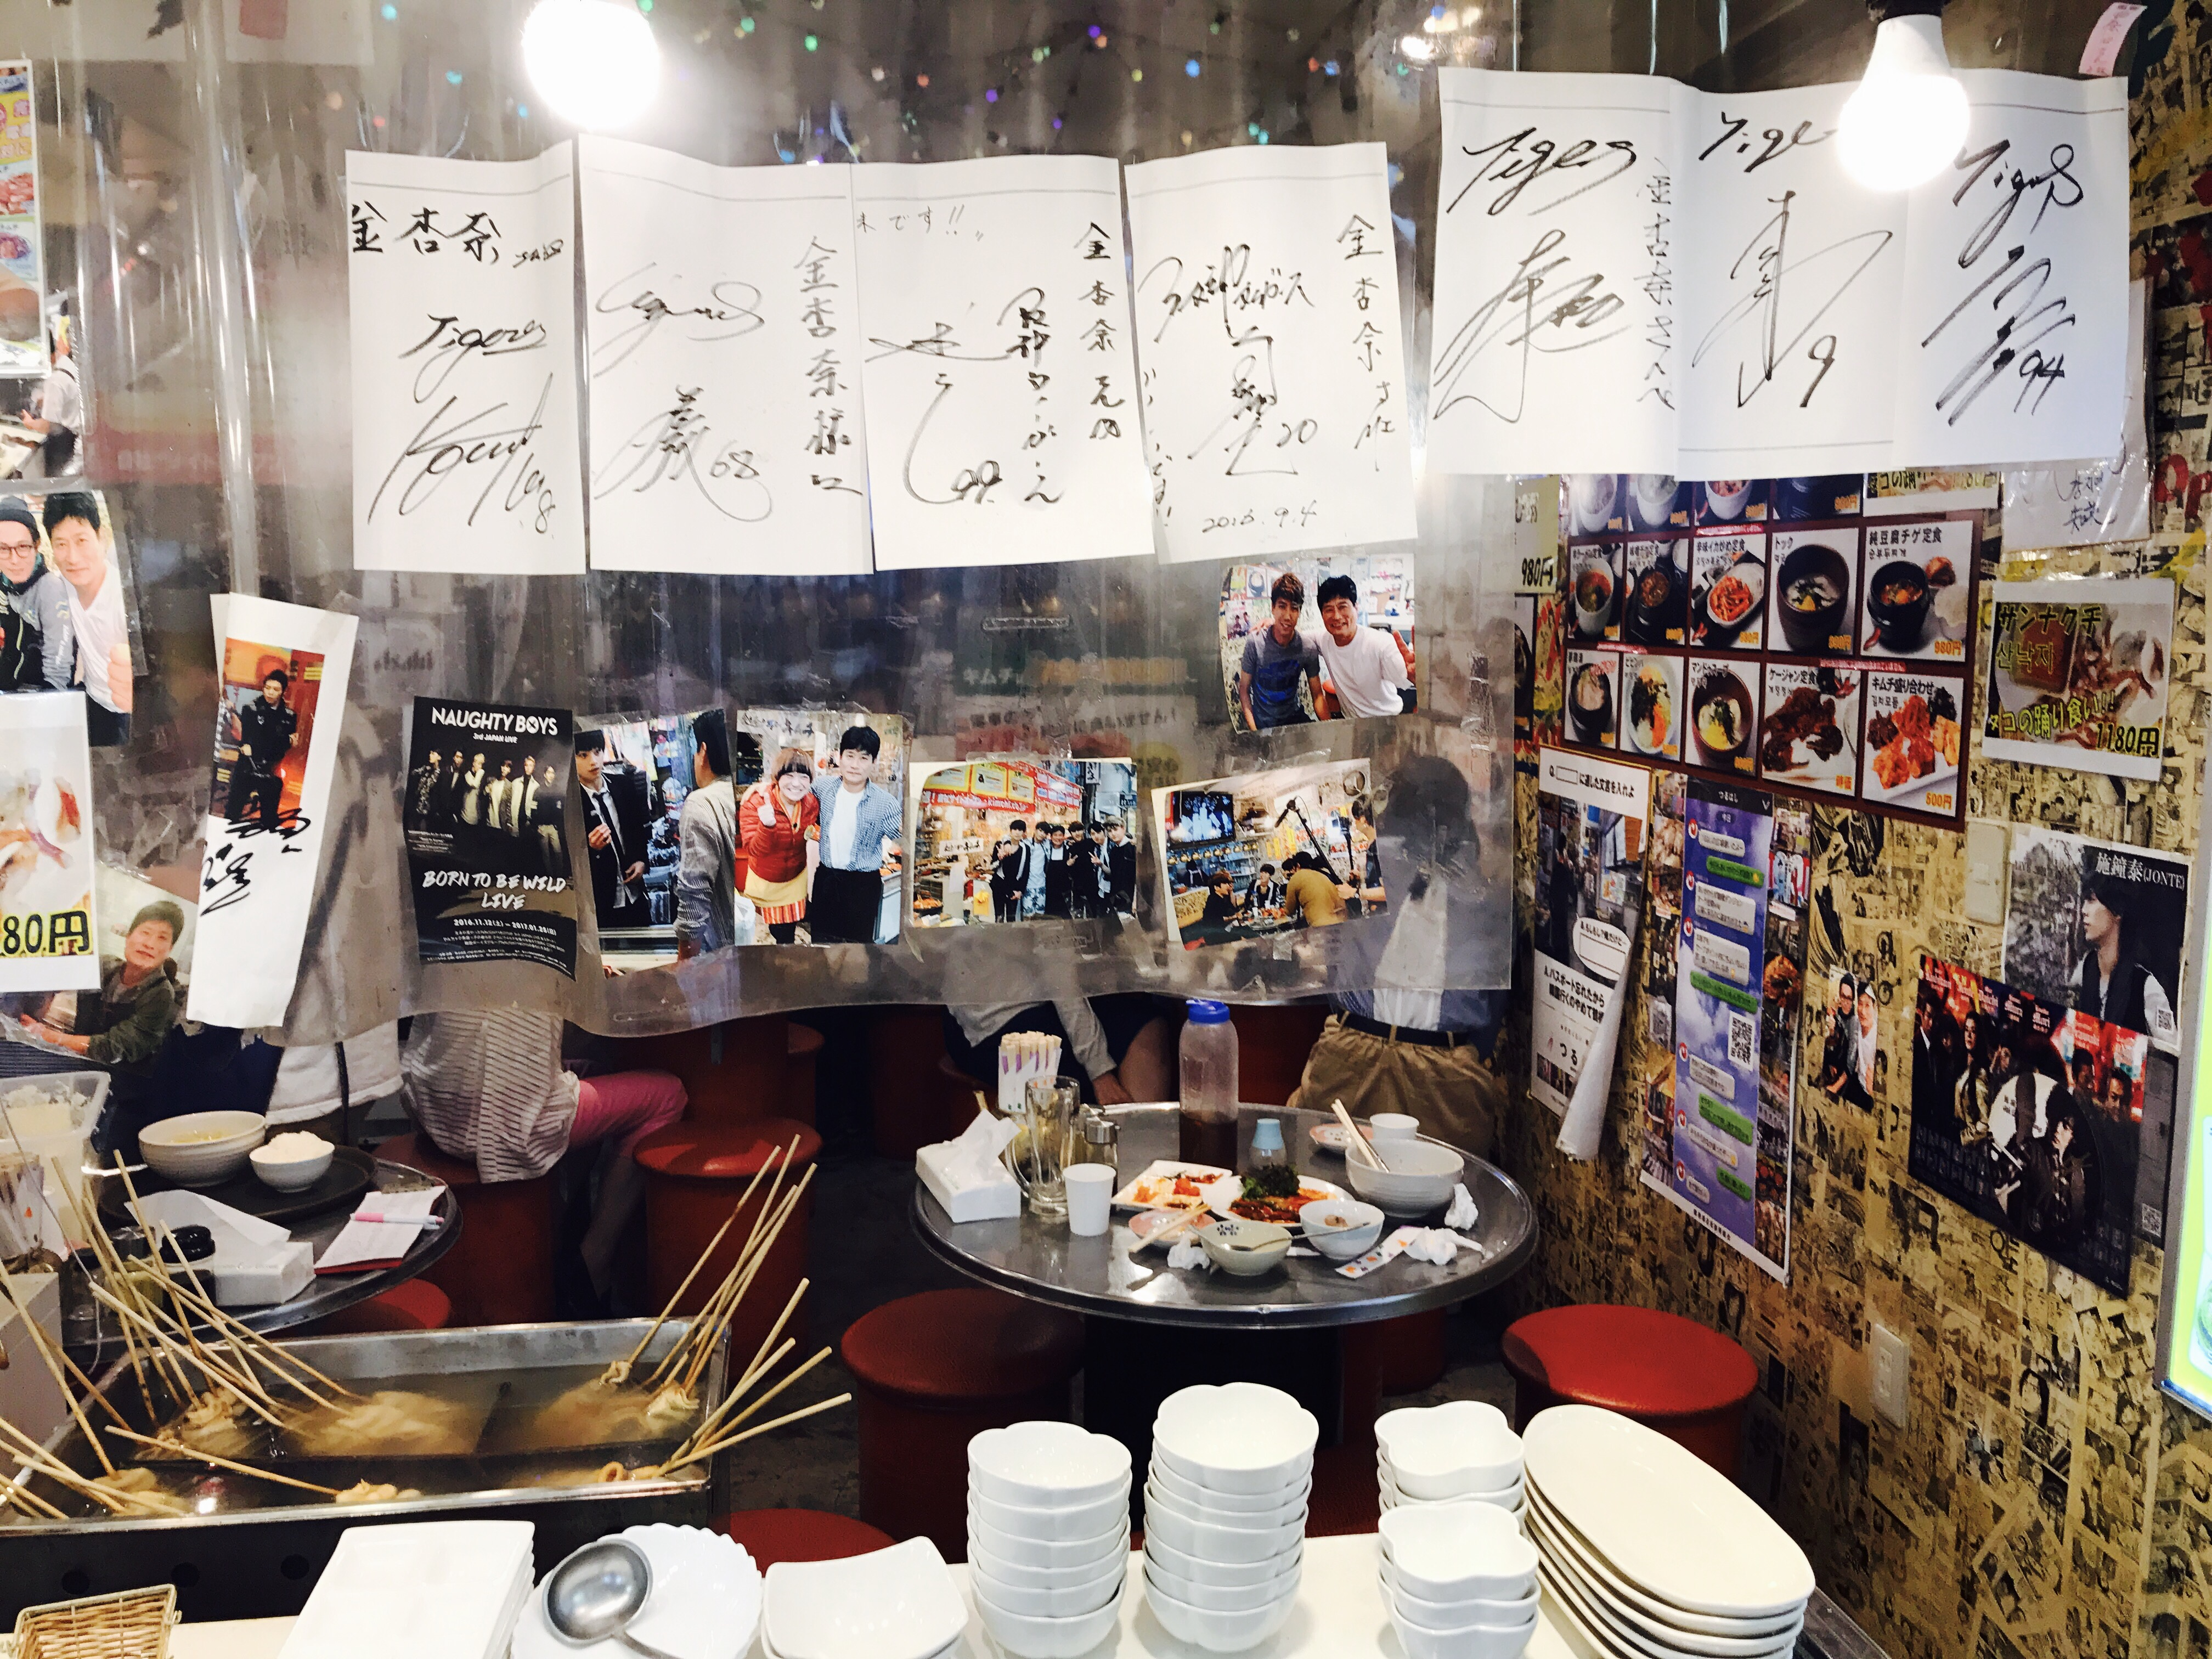 大阪 鶴橋コリアンタウンのアーティストのサイン